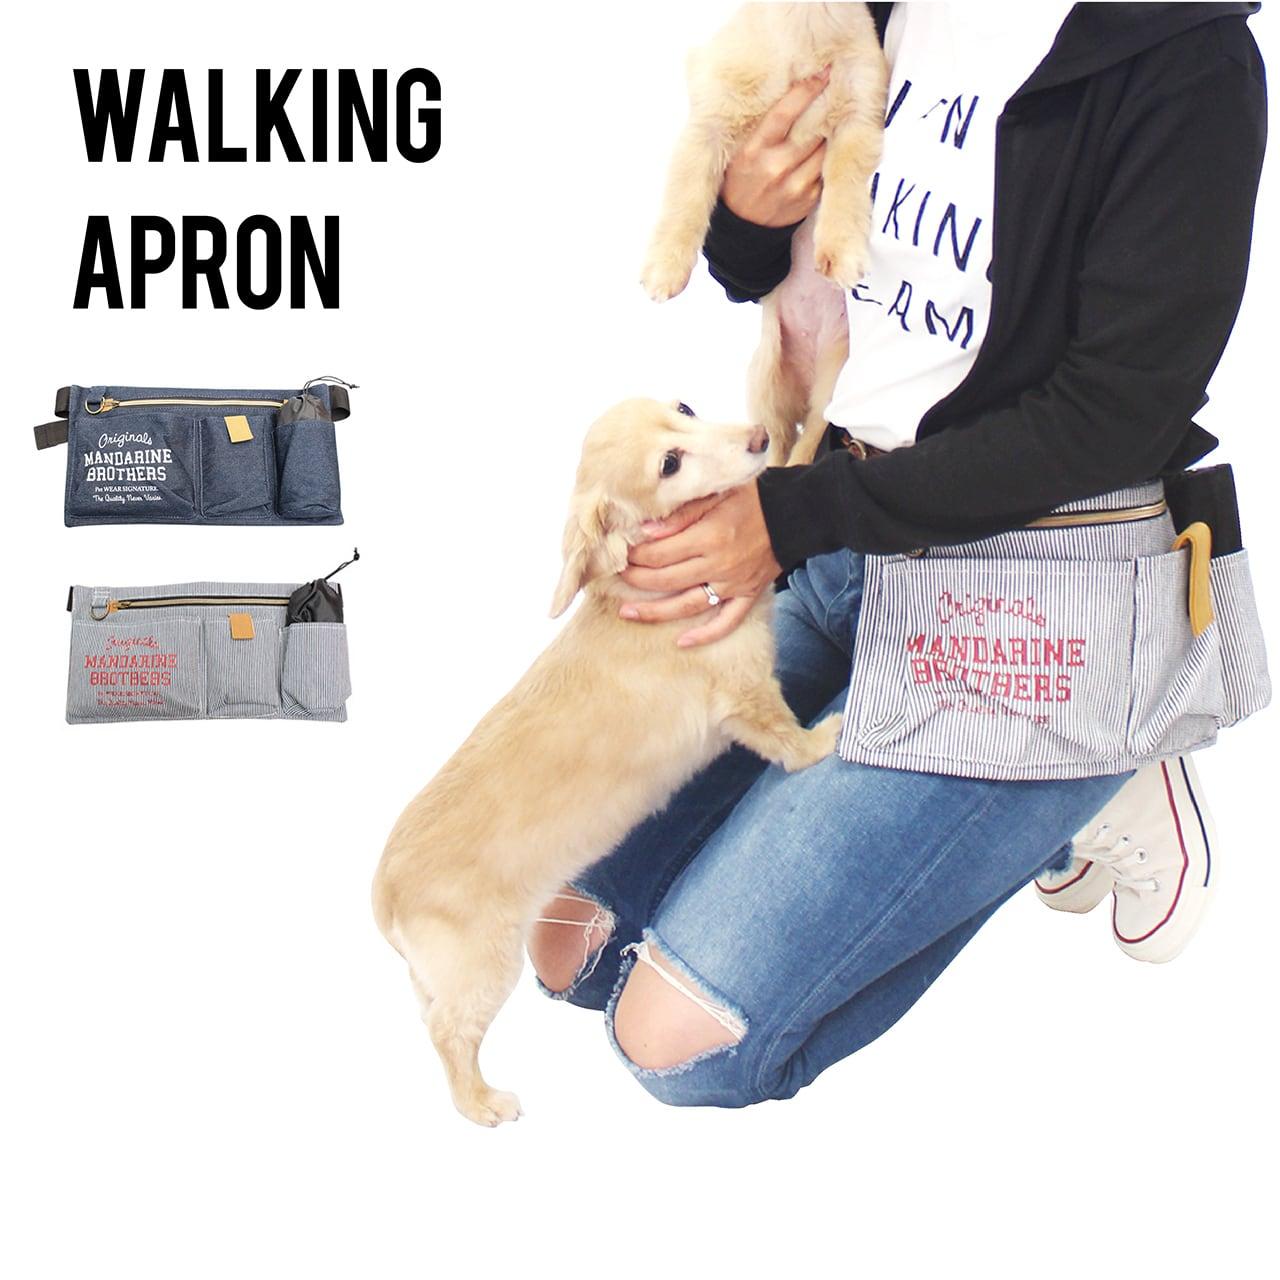 WALKING APRON ウォーキングエプロン